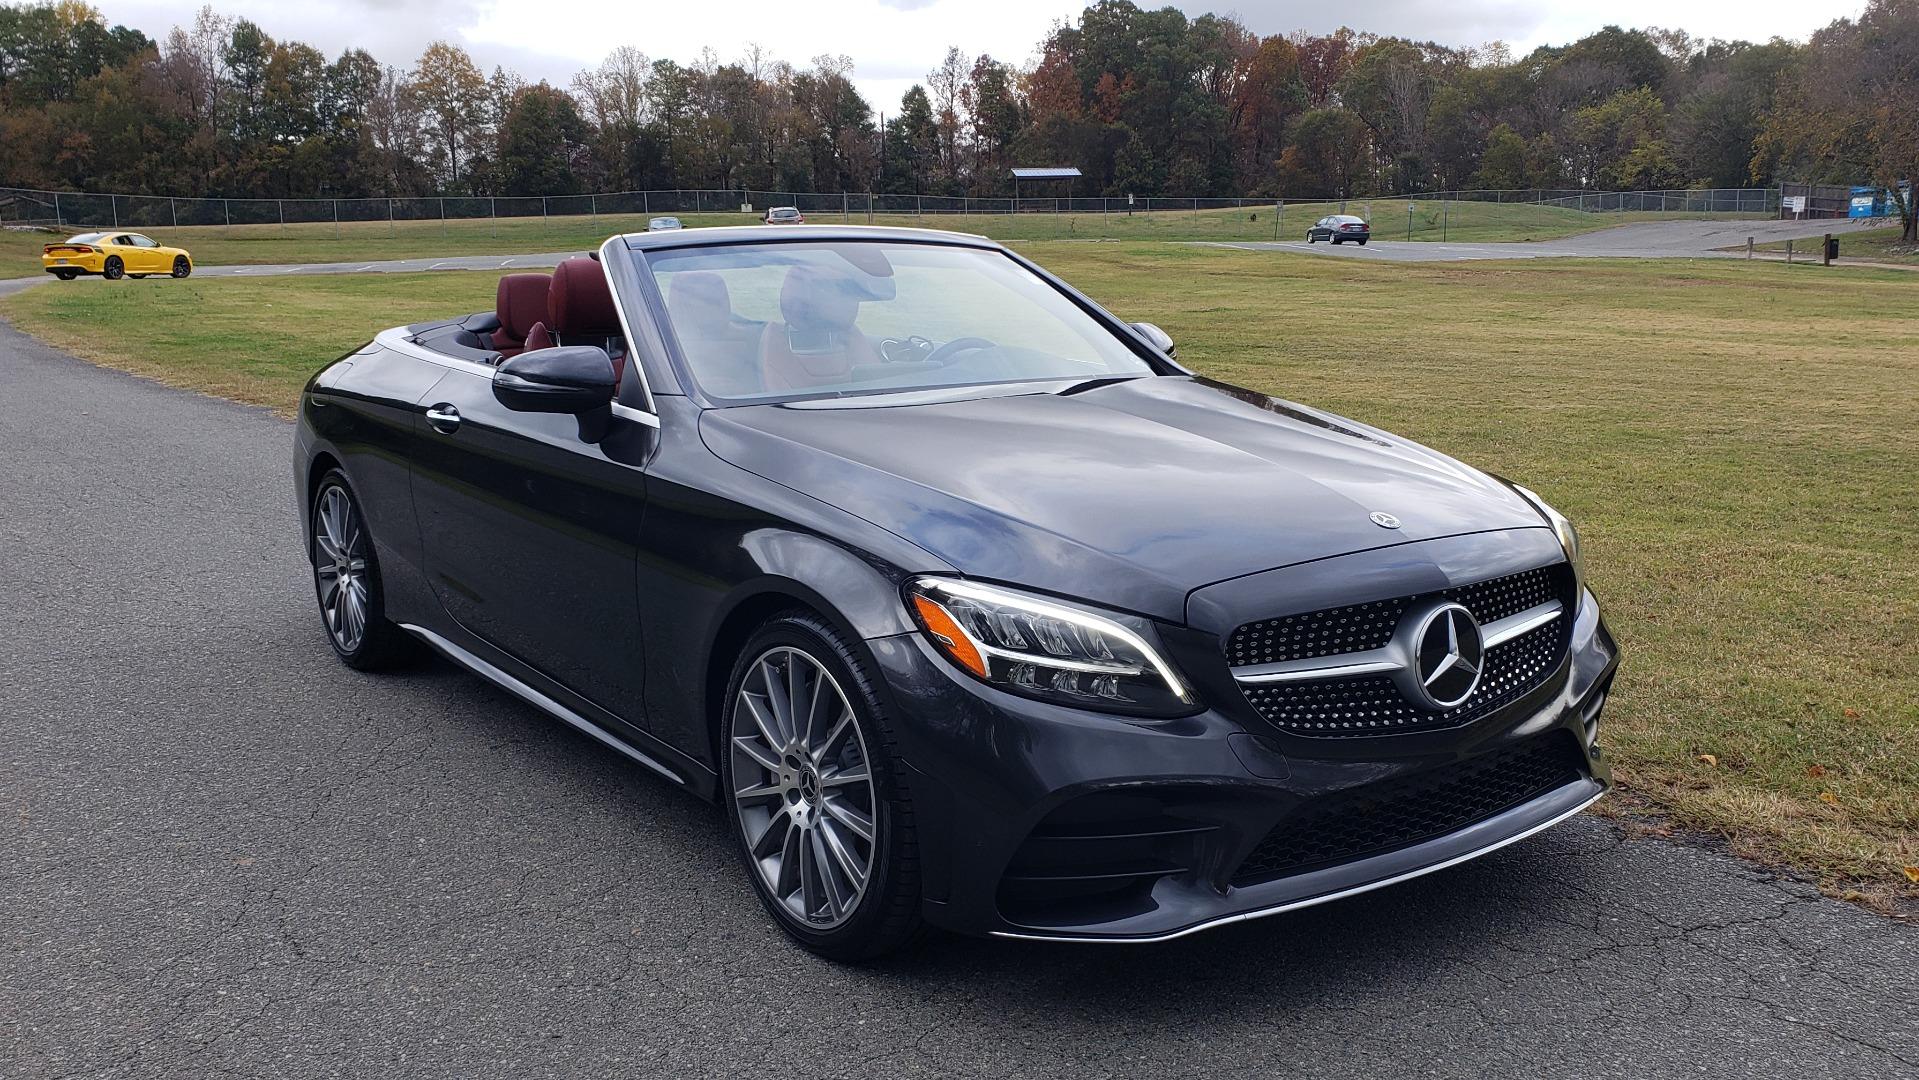 Used 2019 Mercedes-Benz C-CLASS C 300 CABRIOLET / PREM PKG / NAV / BURMESTER / MULTIMEDIA for sale Sold at Formula Imports in Charlotte NC 28227 13